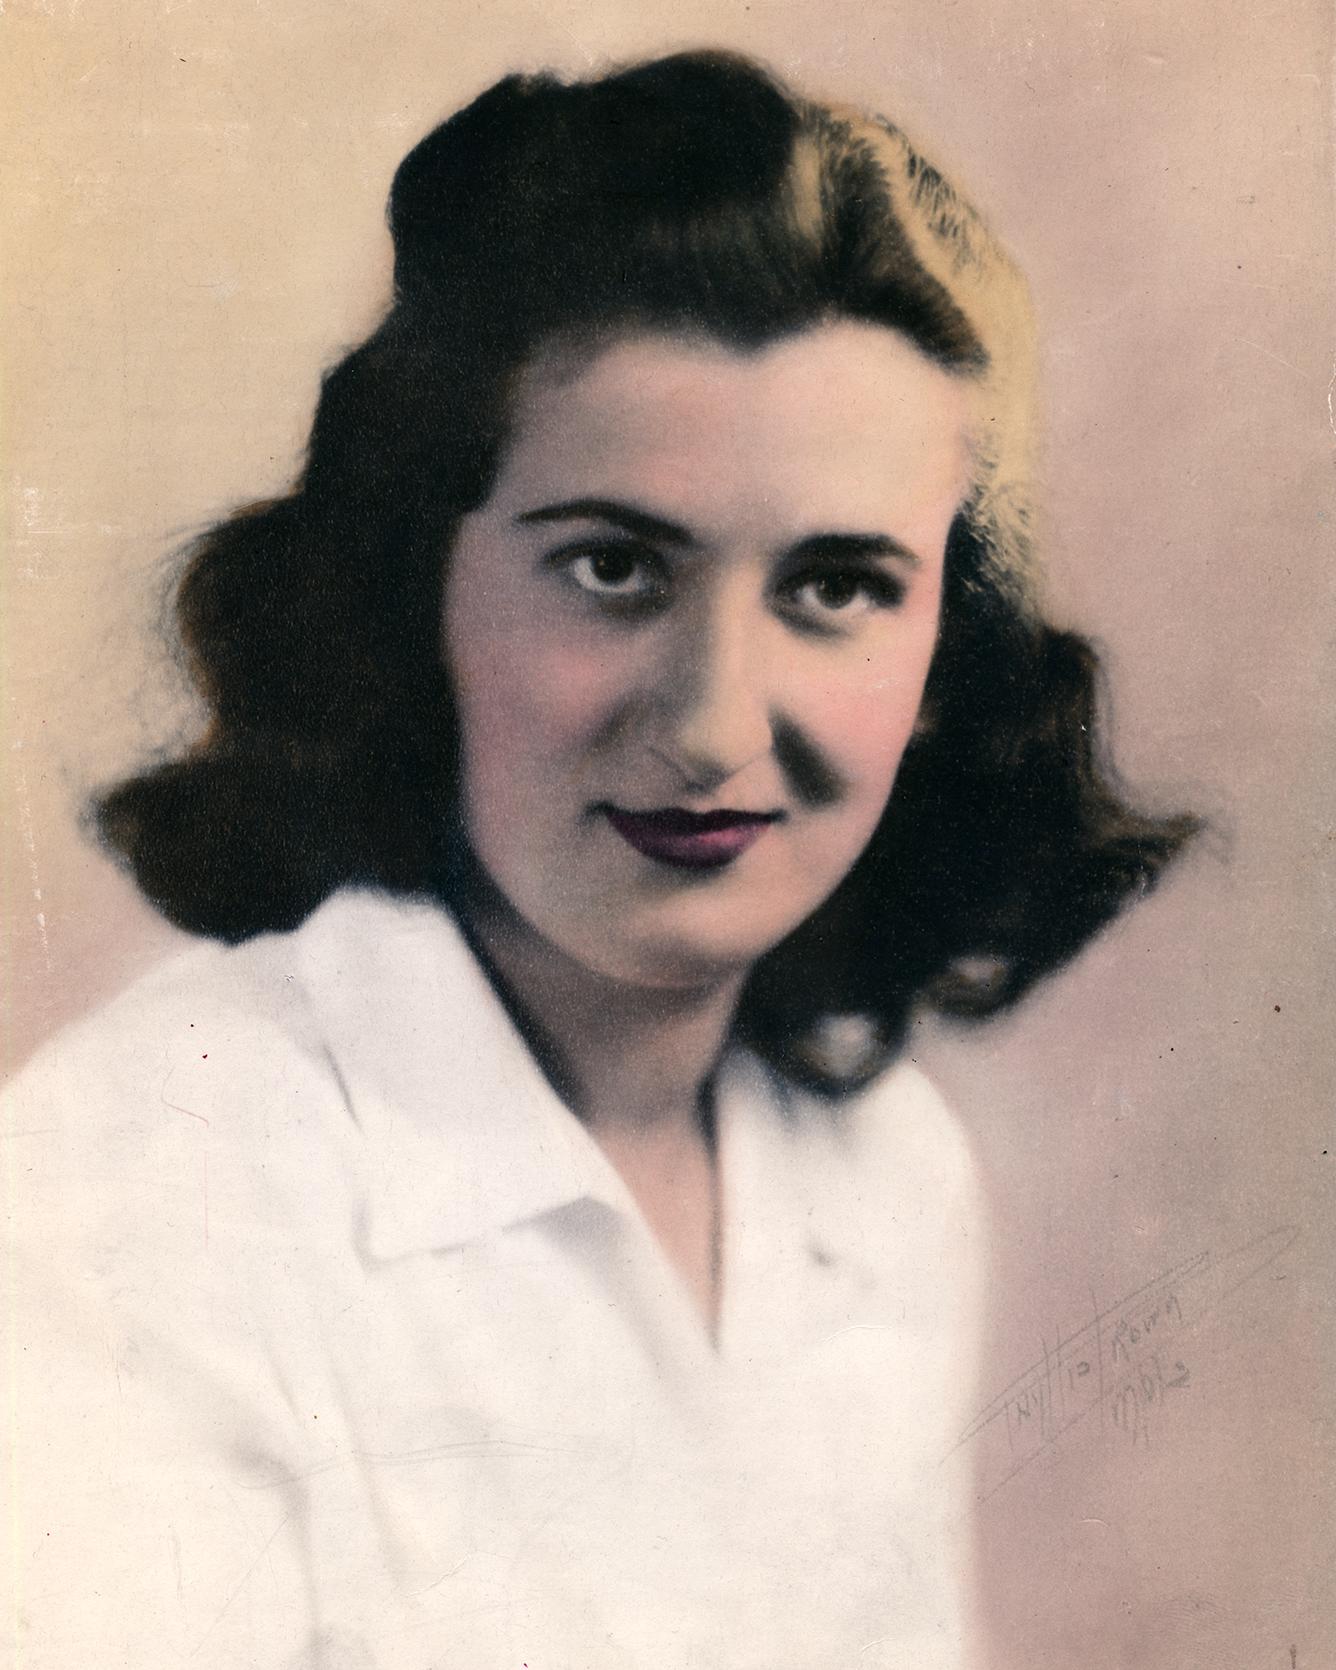 Ruth Braunstein c. 1940